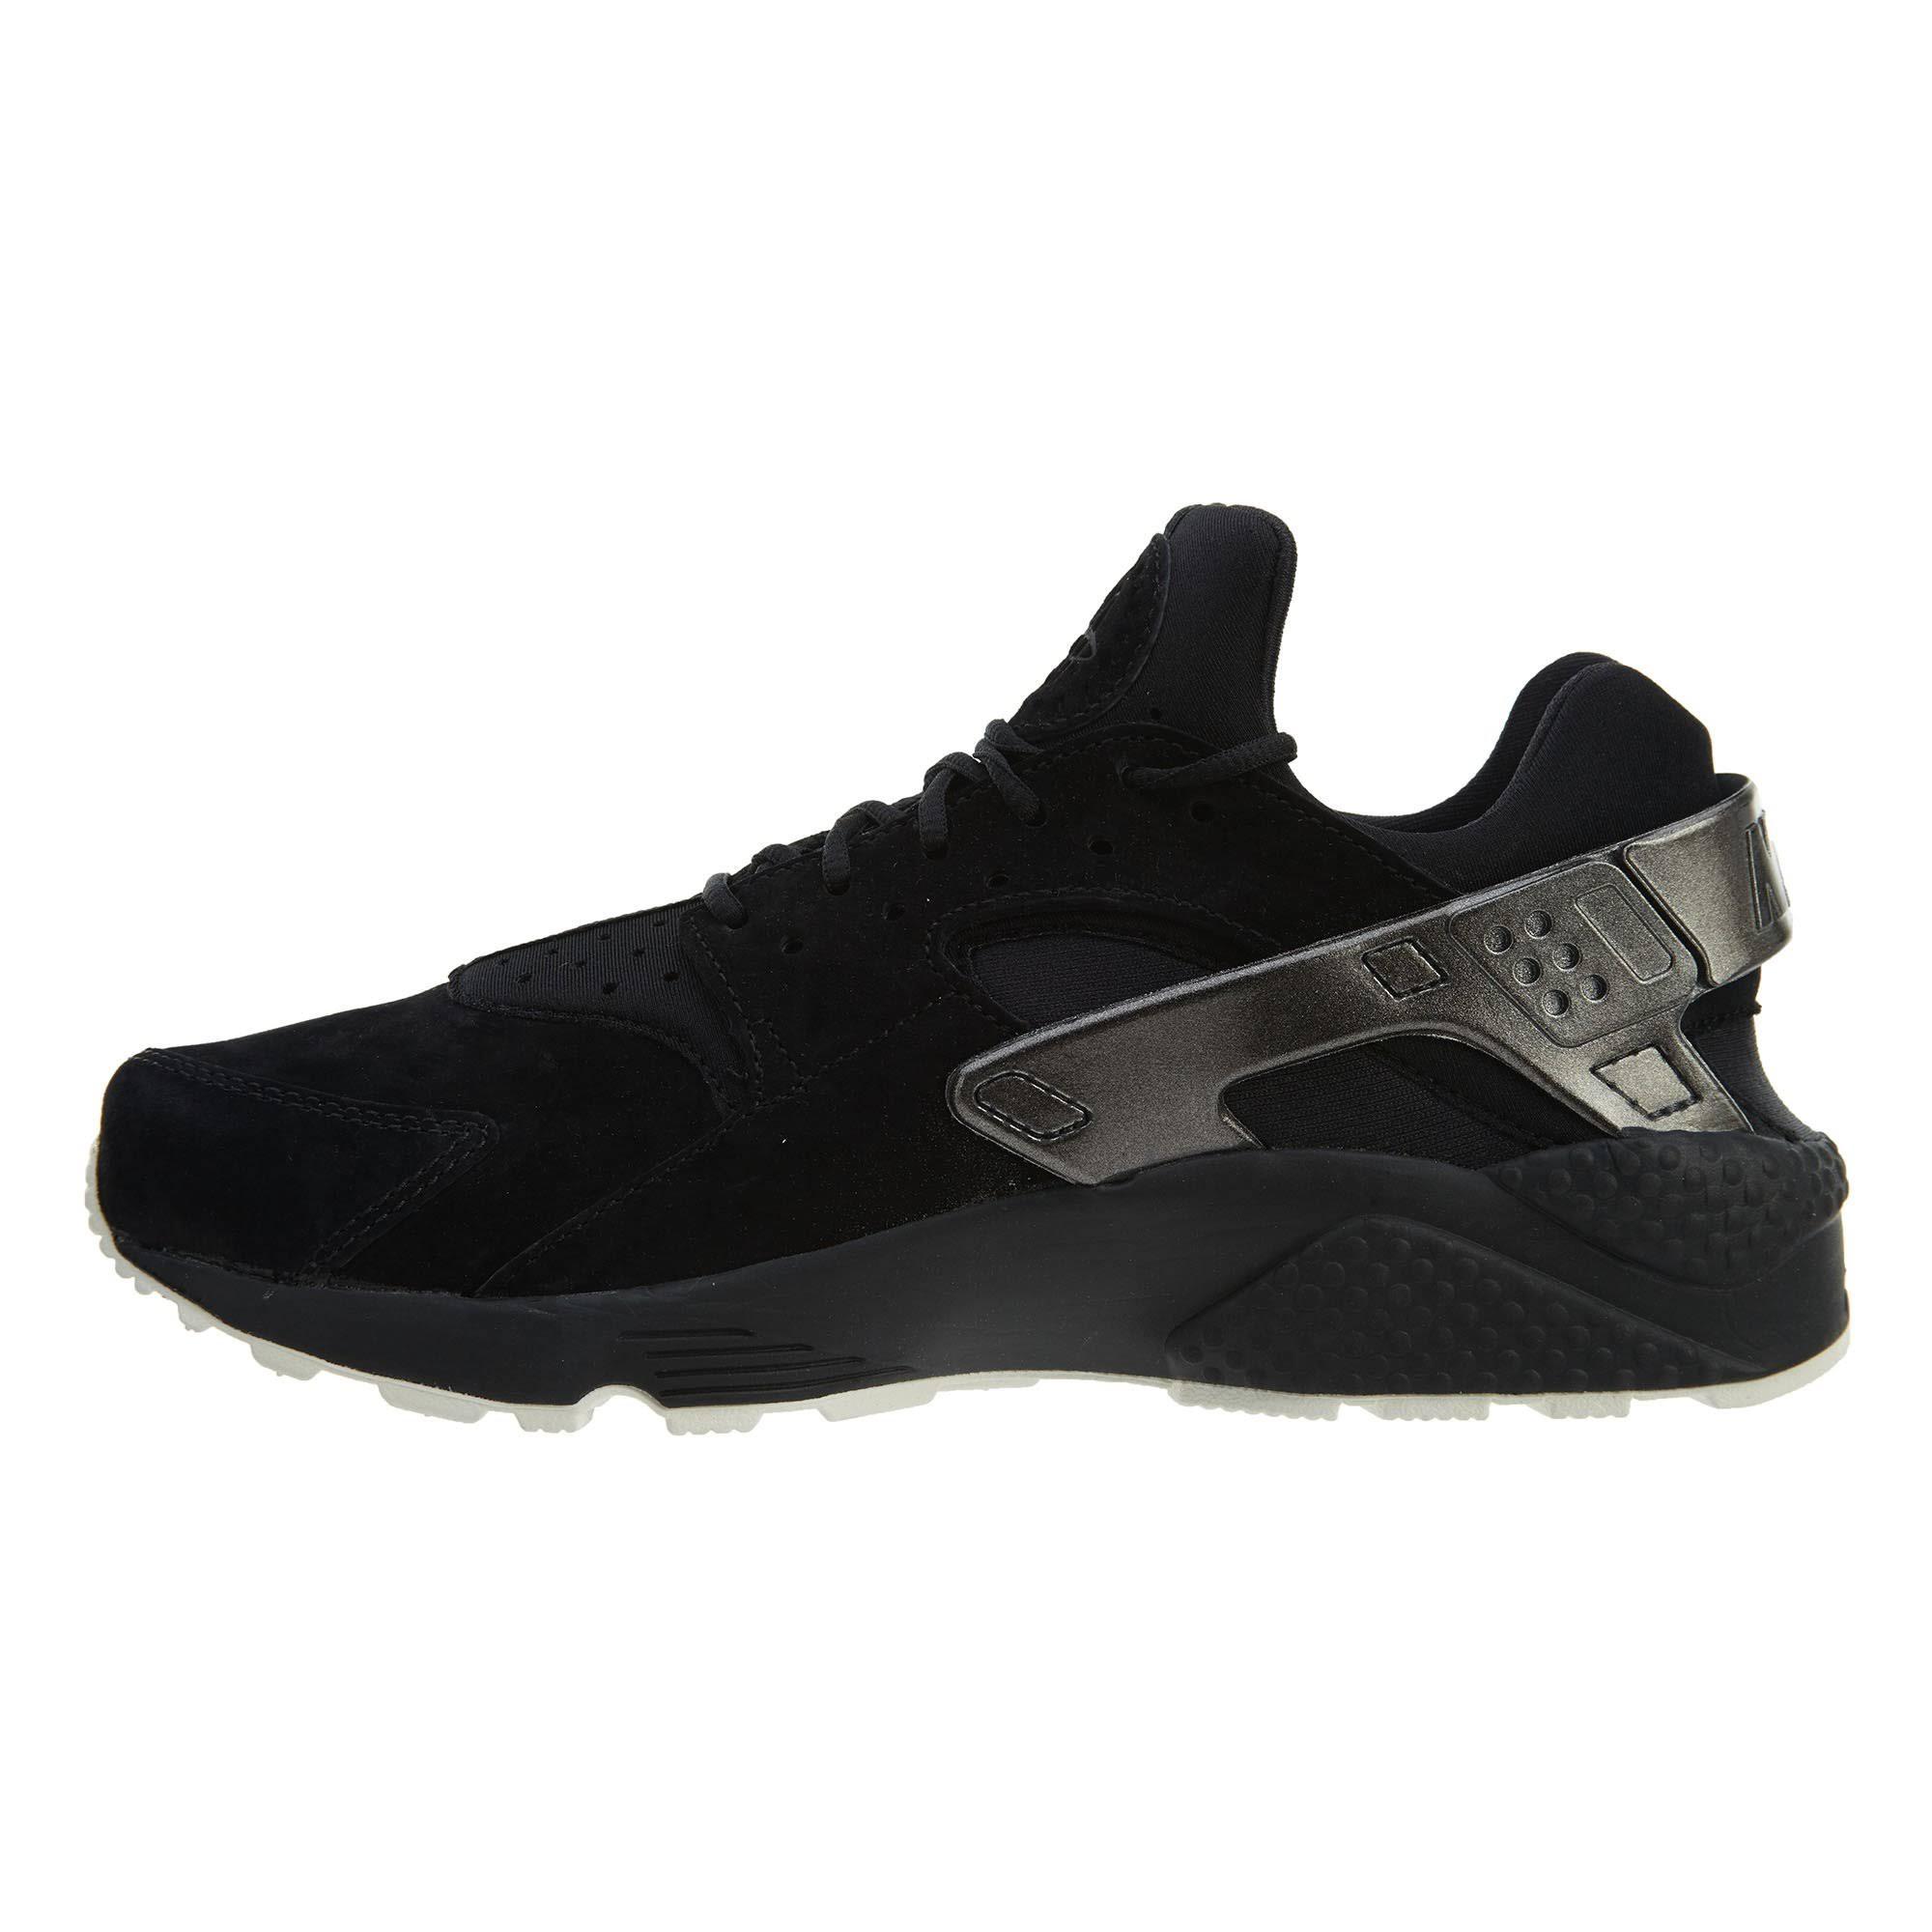 Huarache Zapatos Air Tamaño Vela Hombre Negro Para 10 Nike gqH5EZxwq